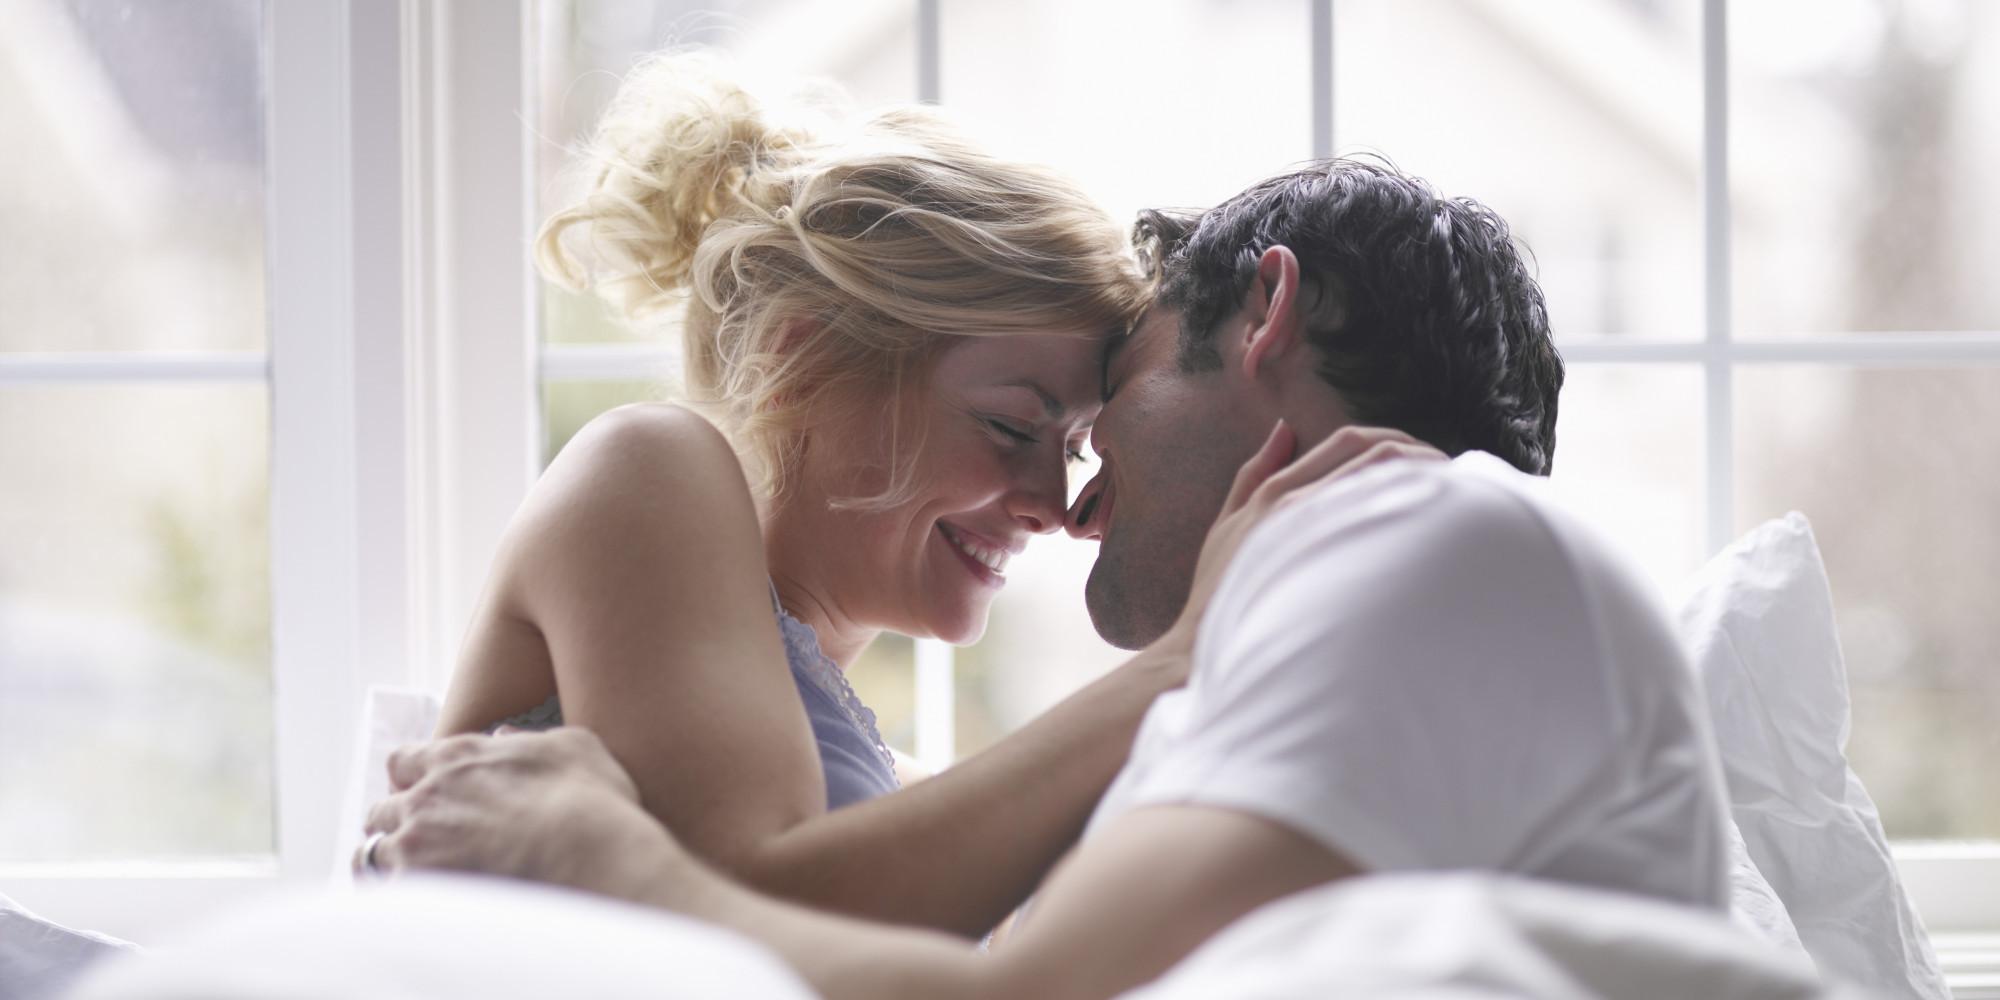 回家面對空蕩蕩的房間…這9個瞬間讓人好想談戀愛! | 薔妮老娘